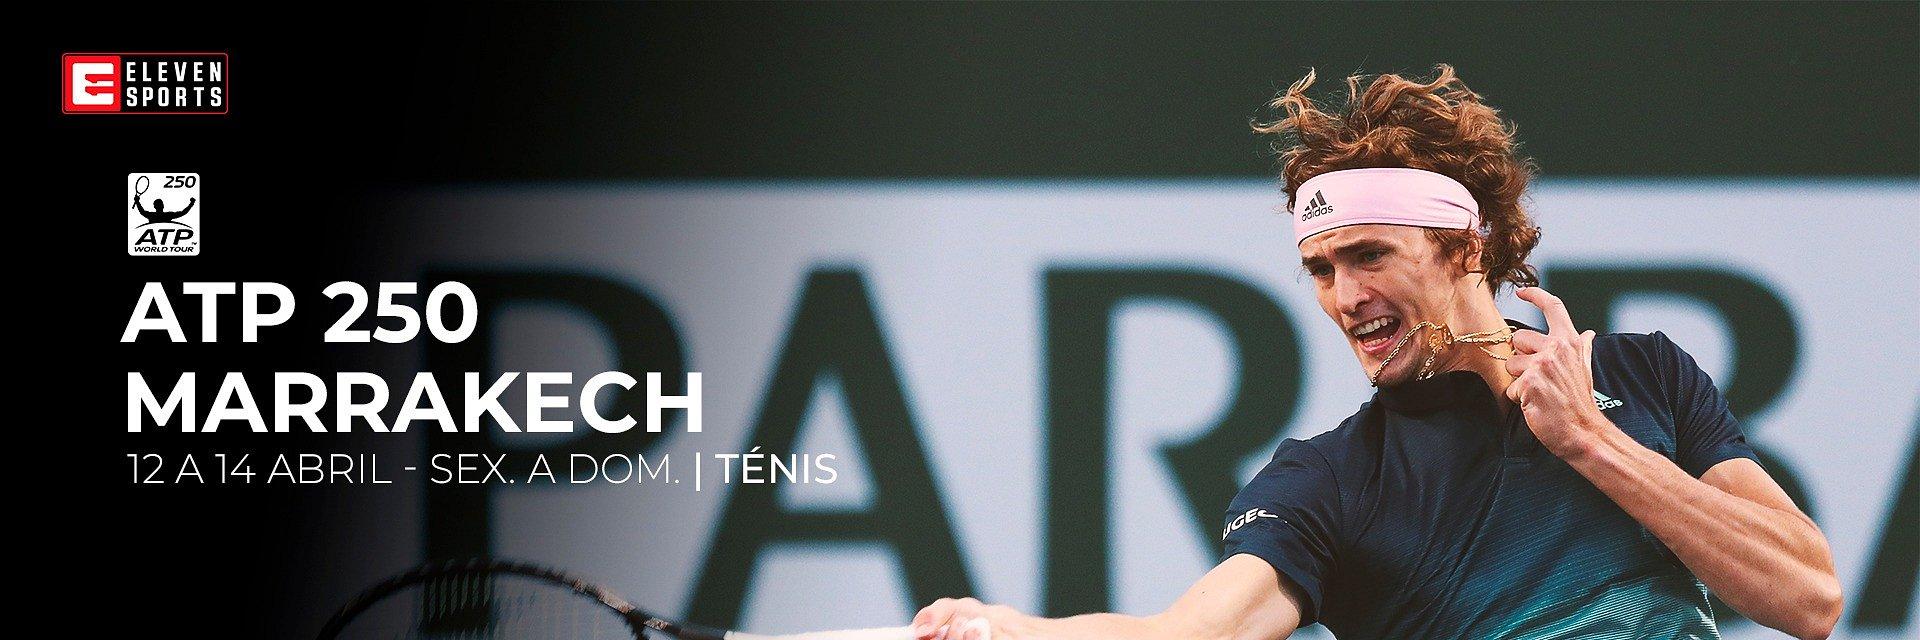 Eleven Sports garante vários torneios ATP 250